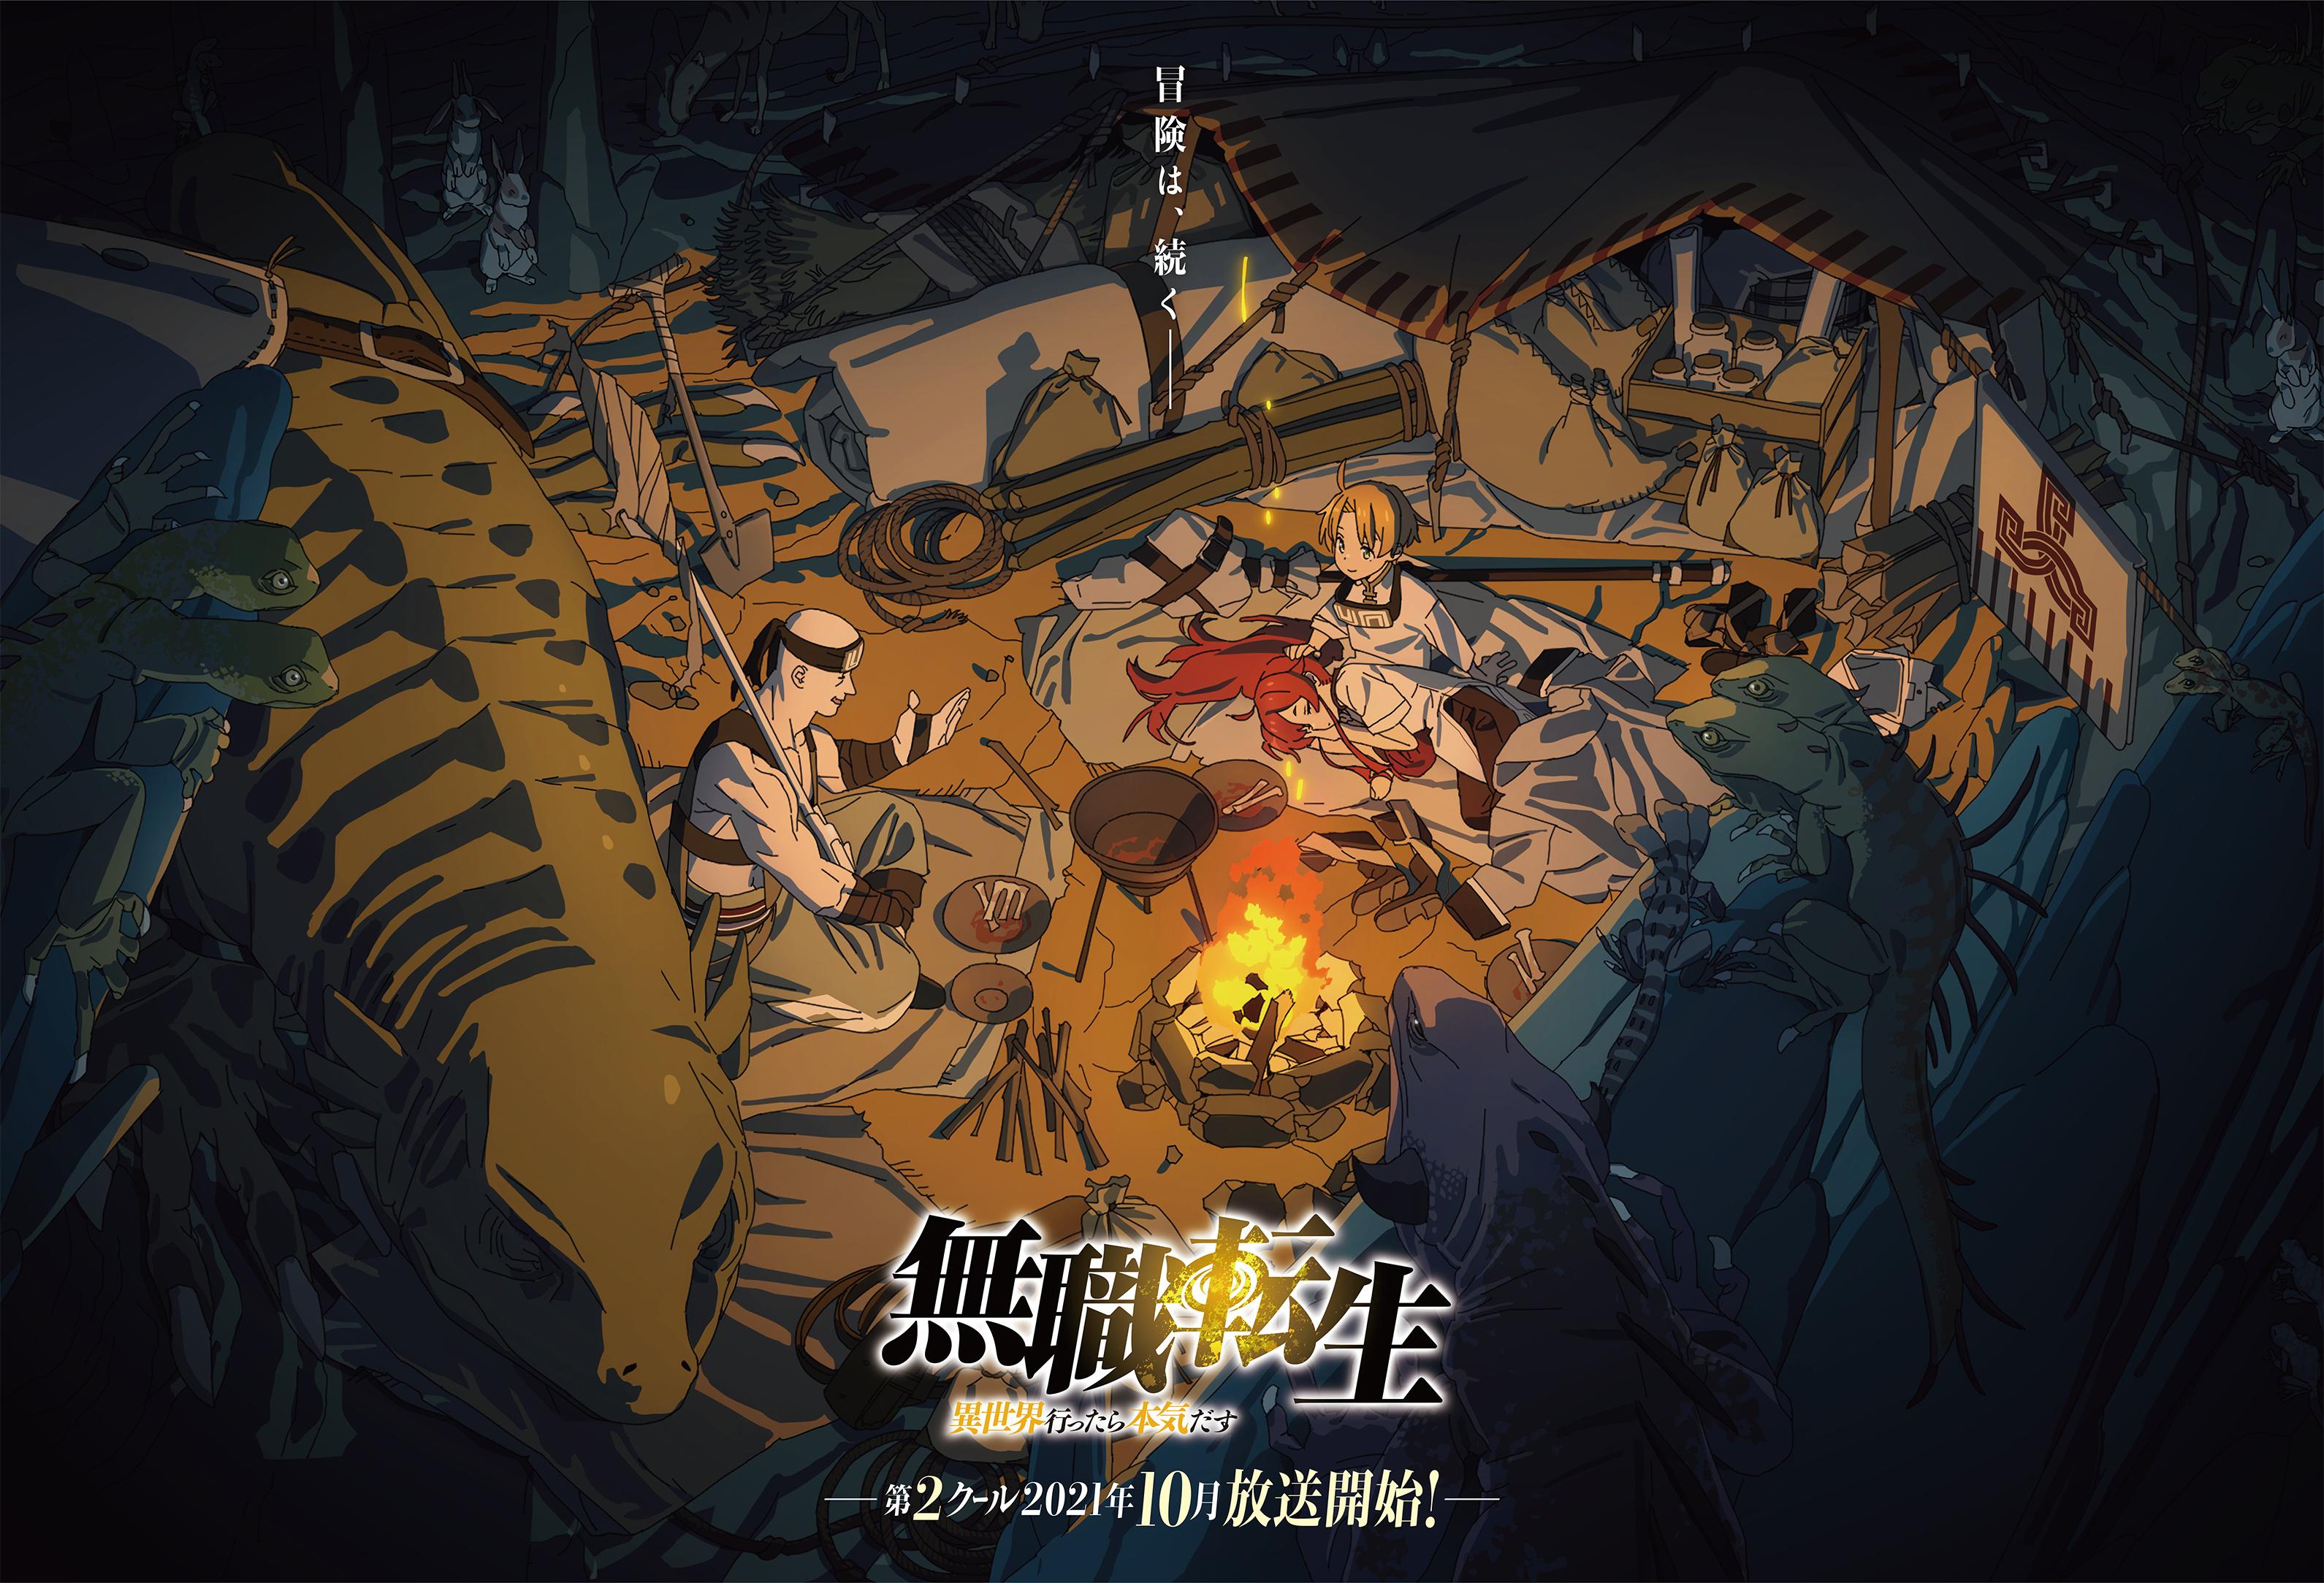 【动漫情报】TV动画《无职转生》第一季后半视觉图公开,延期到10月开播